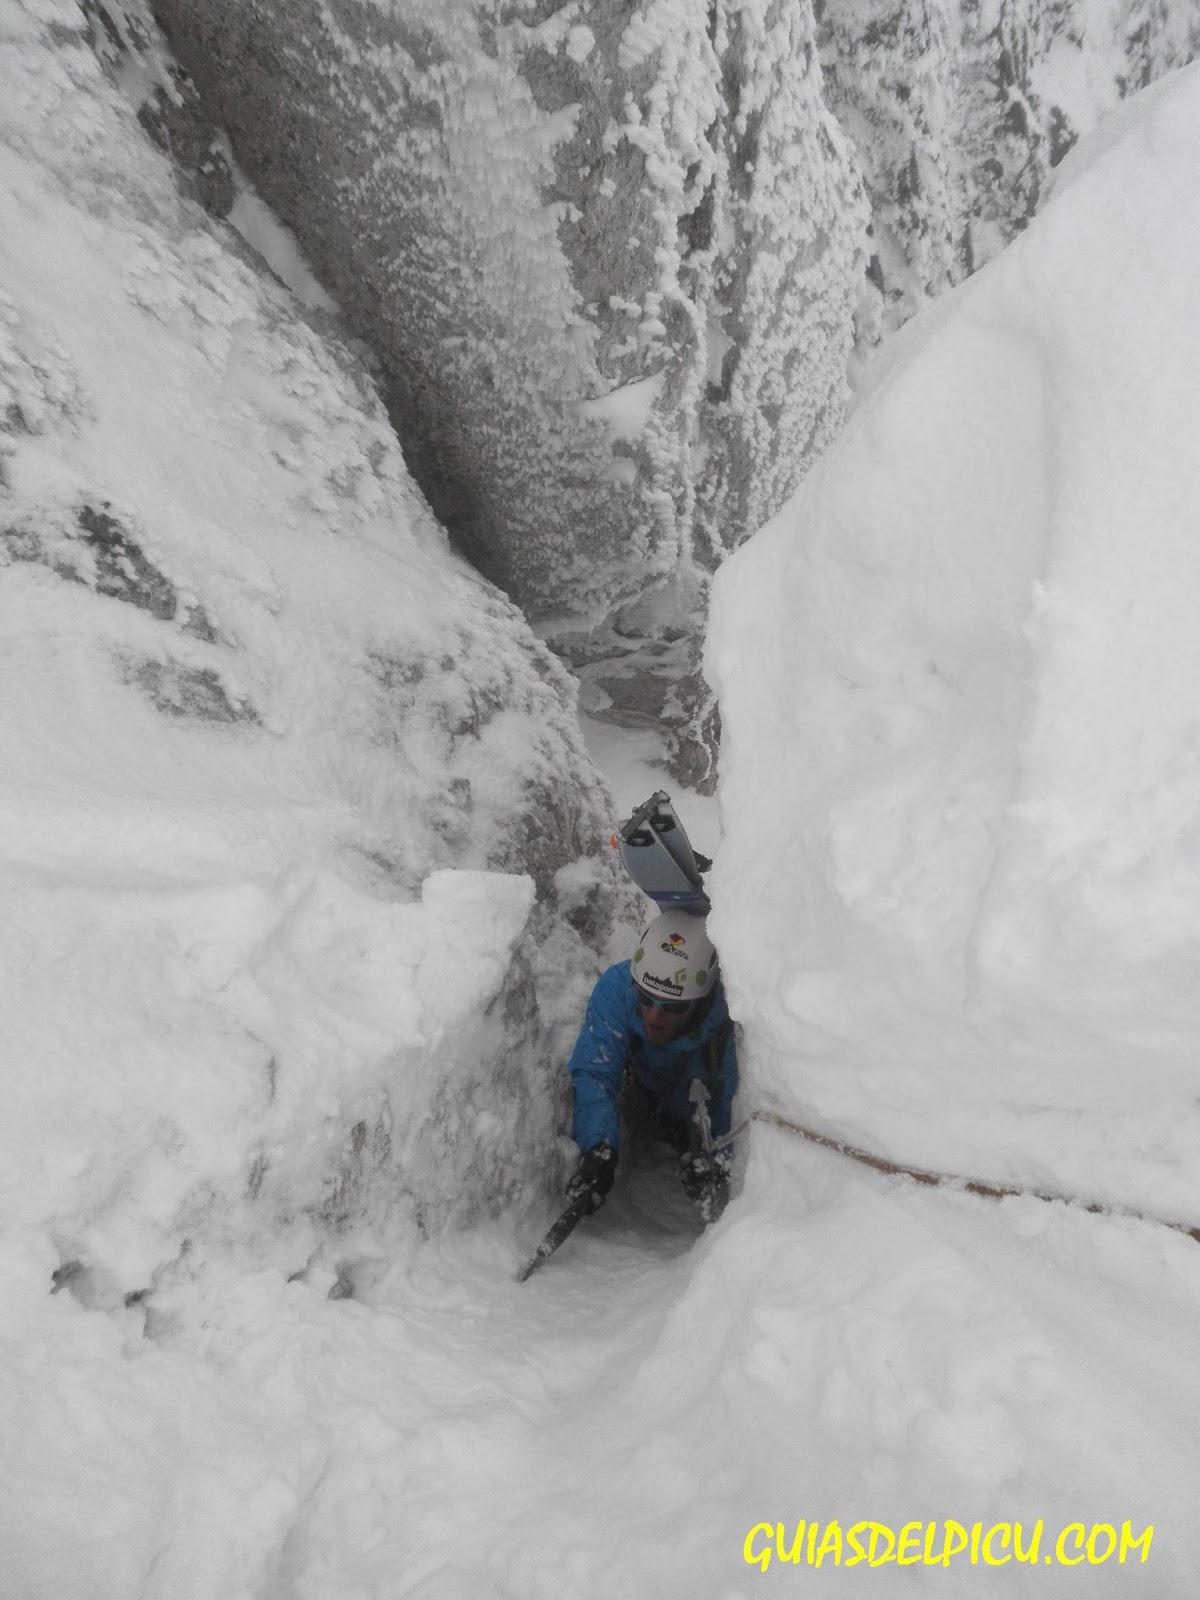 Guias de montaña especialistas en escaladas en el macizo de Ubiña , guiasdelpicu.com